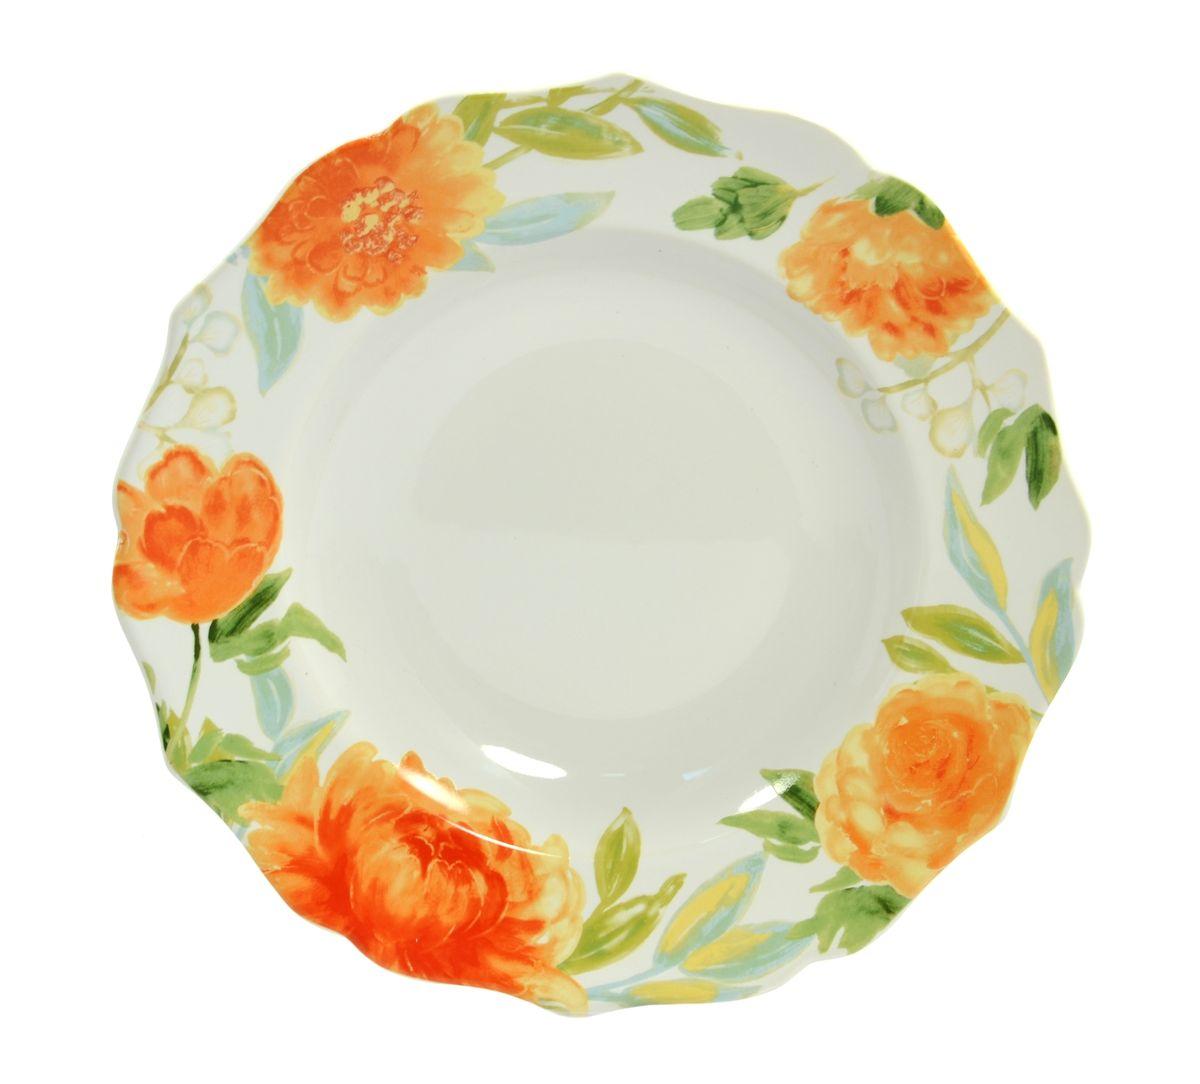 Тарелка глубокая Utana Пионы, диаметр 23,5 смUTHH94920Тарелка Utana Пионы изготовлена из высококачественной керамики. Предназначена для подачи супа или салата. Изделие декорировано оригинальным орнаментом. Такая тарелка украсит сервировку стола и подчеркнет прекрасный вкус хозяйки.Можно мыть в посудомоечной машине и использовать в СВЧ. Диаметр: 23,5 см.Высота: 4 см.